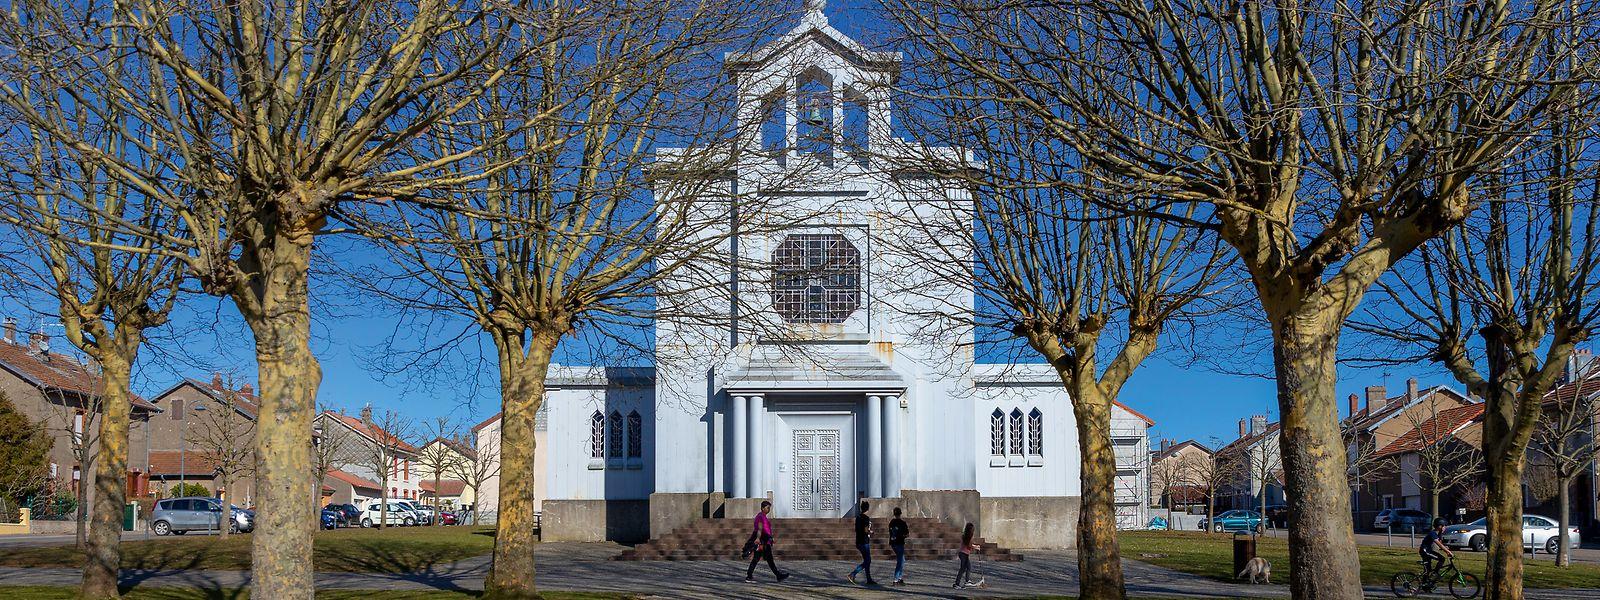 En 2015, le diocèse avait vendu l'église Sainte-Barbe pour 250.000 euros